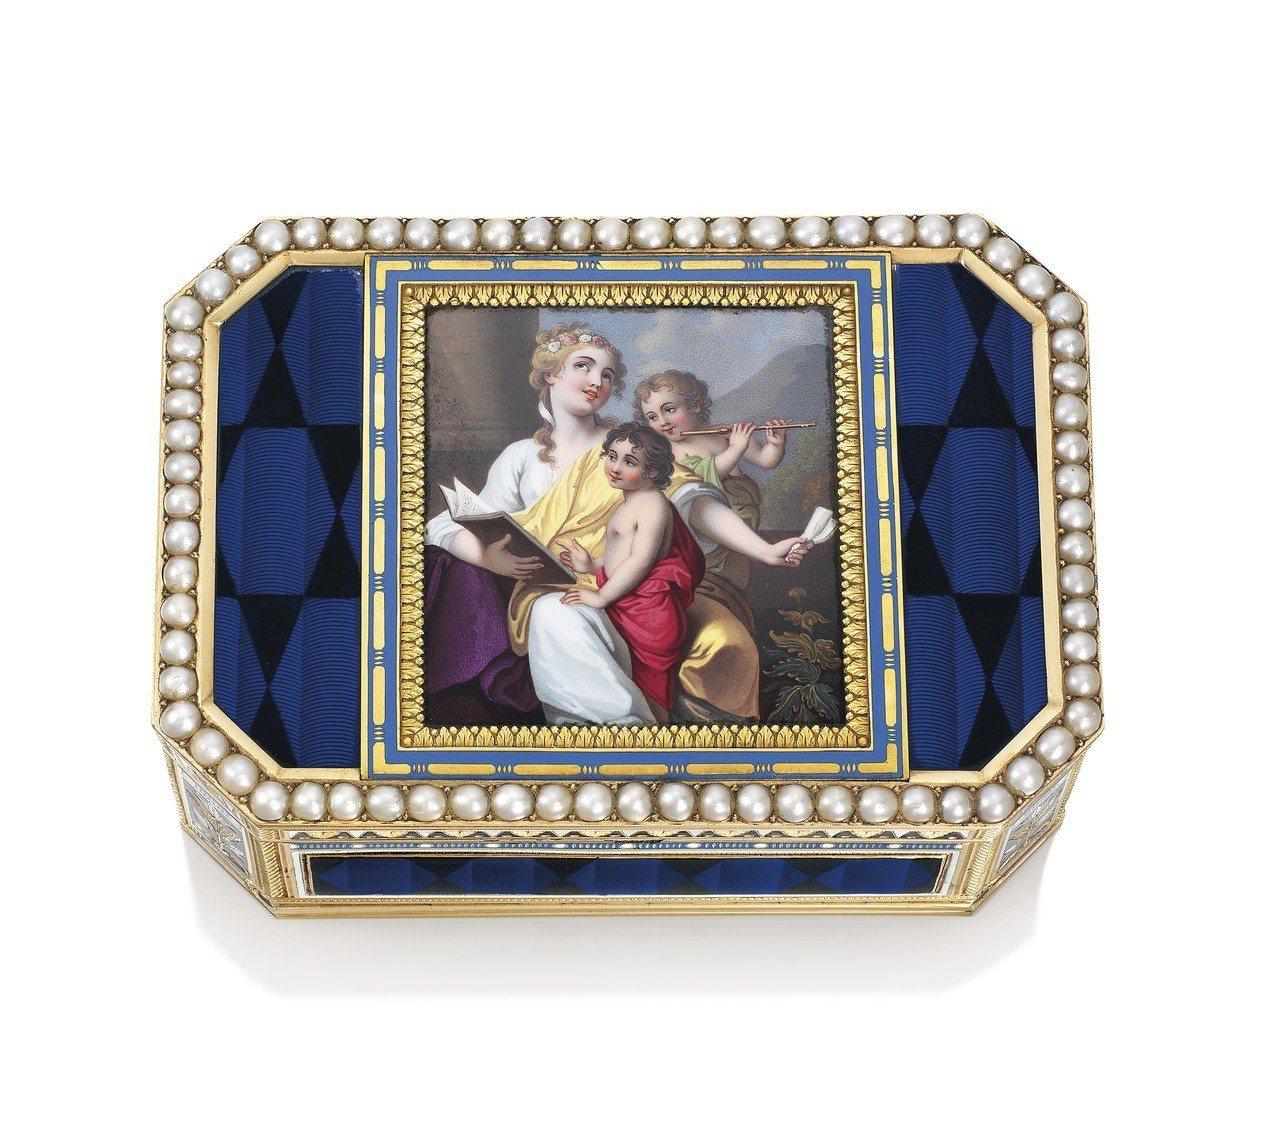 鑲嵌珠寶的瑞士法郎黃金自動音樂鼻煙盒「音樂課堂」,將於亞洲首次的「金盒」拍賣登場...